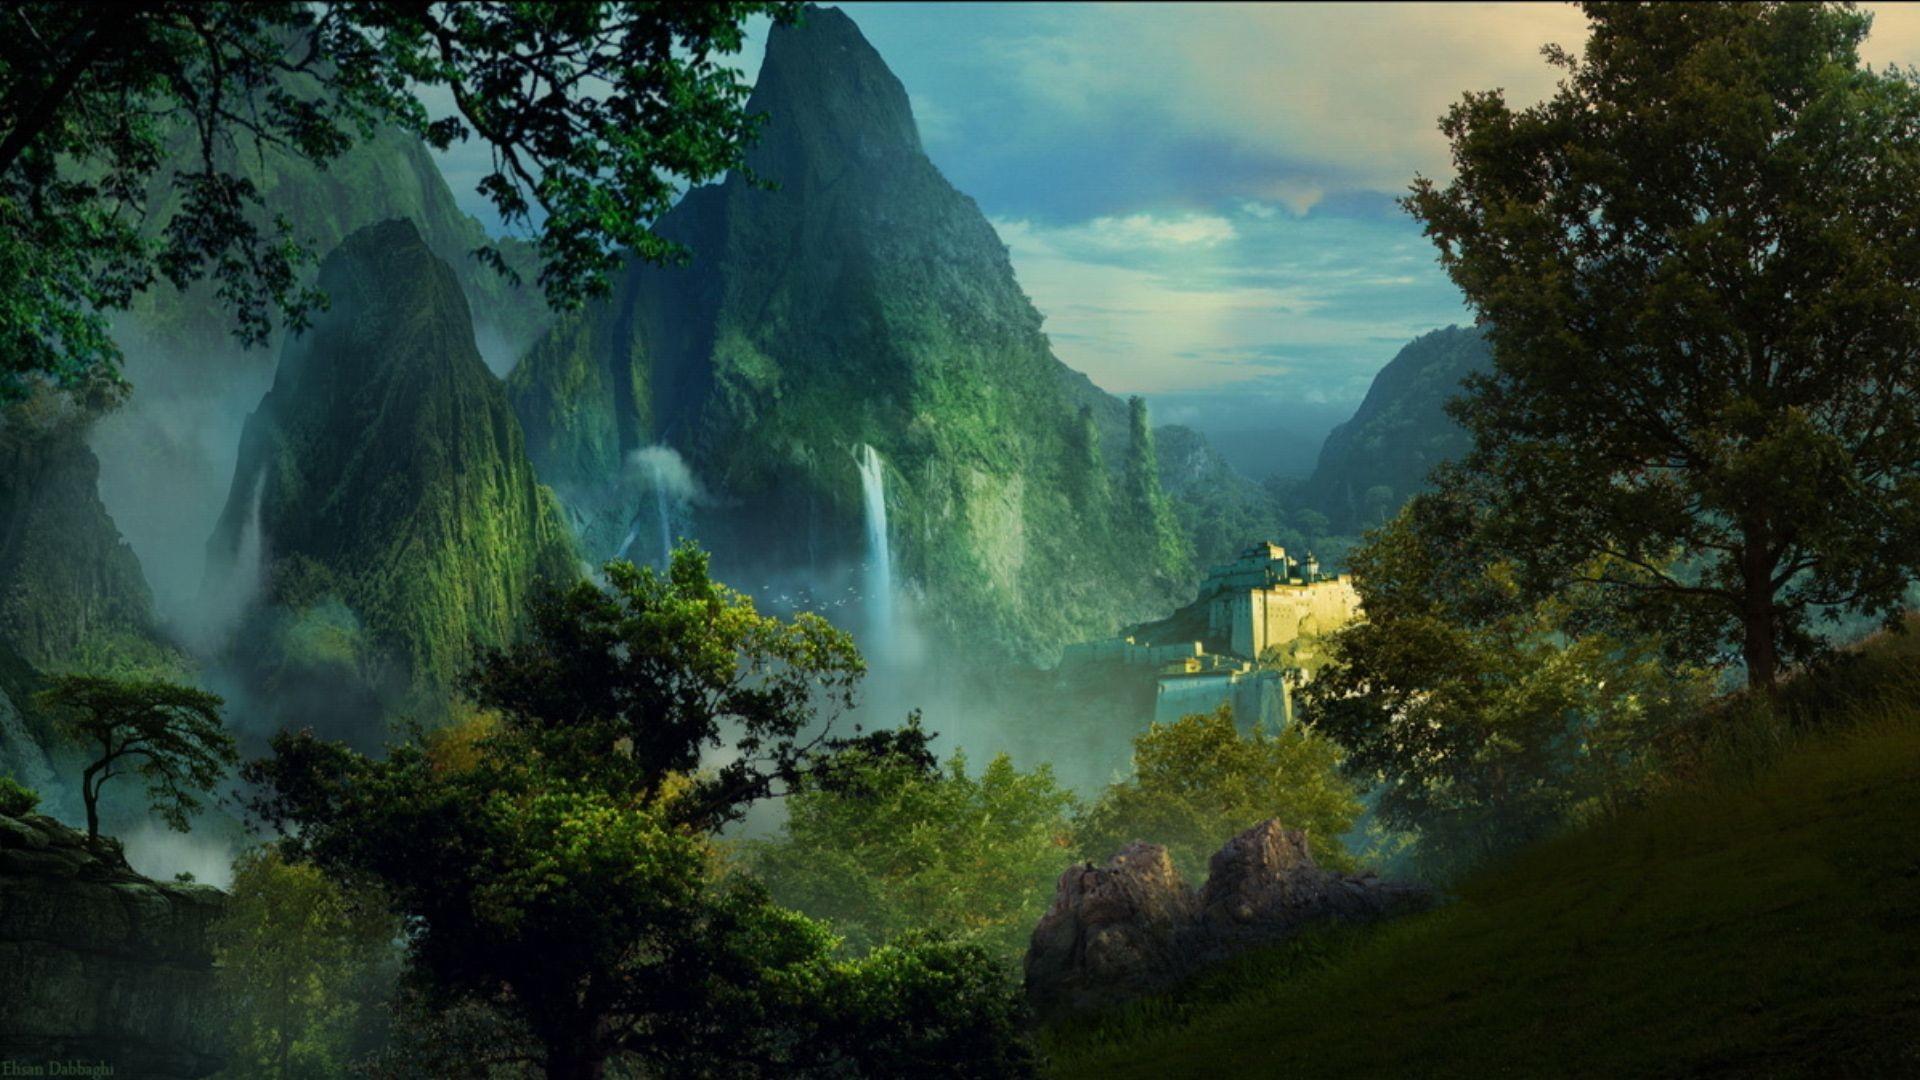 Free Desktop Wallpaper Fall Season Fantasy Wallpaper Hd Pixelstalk Net